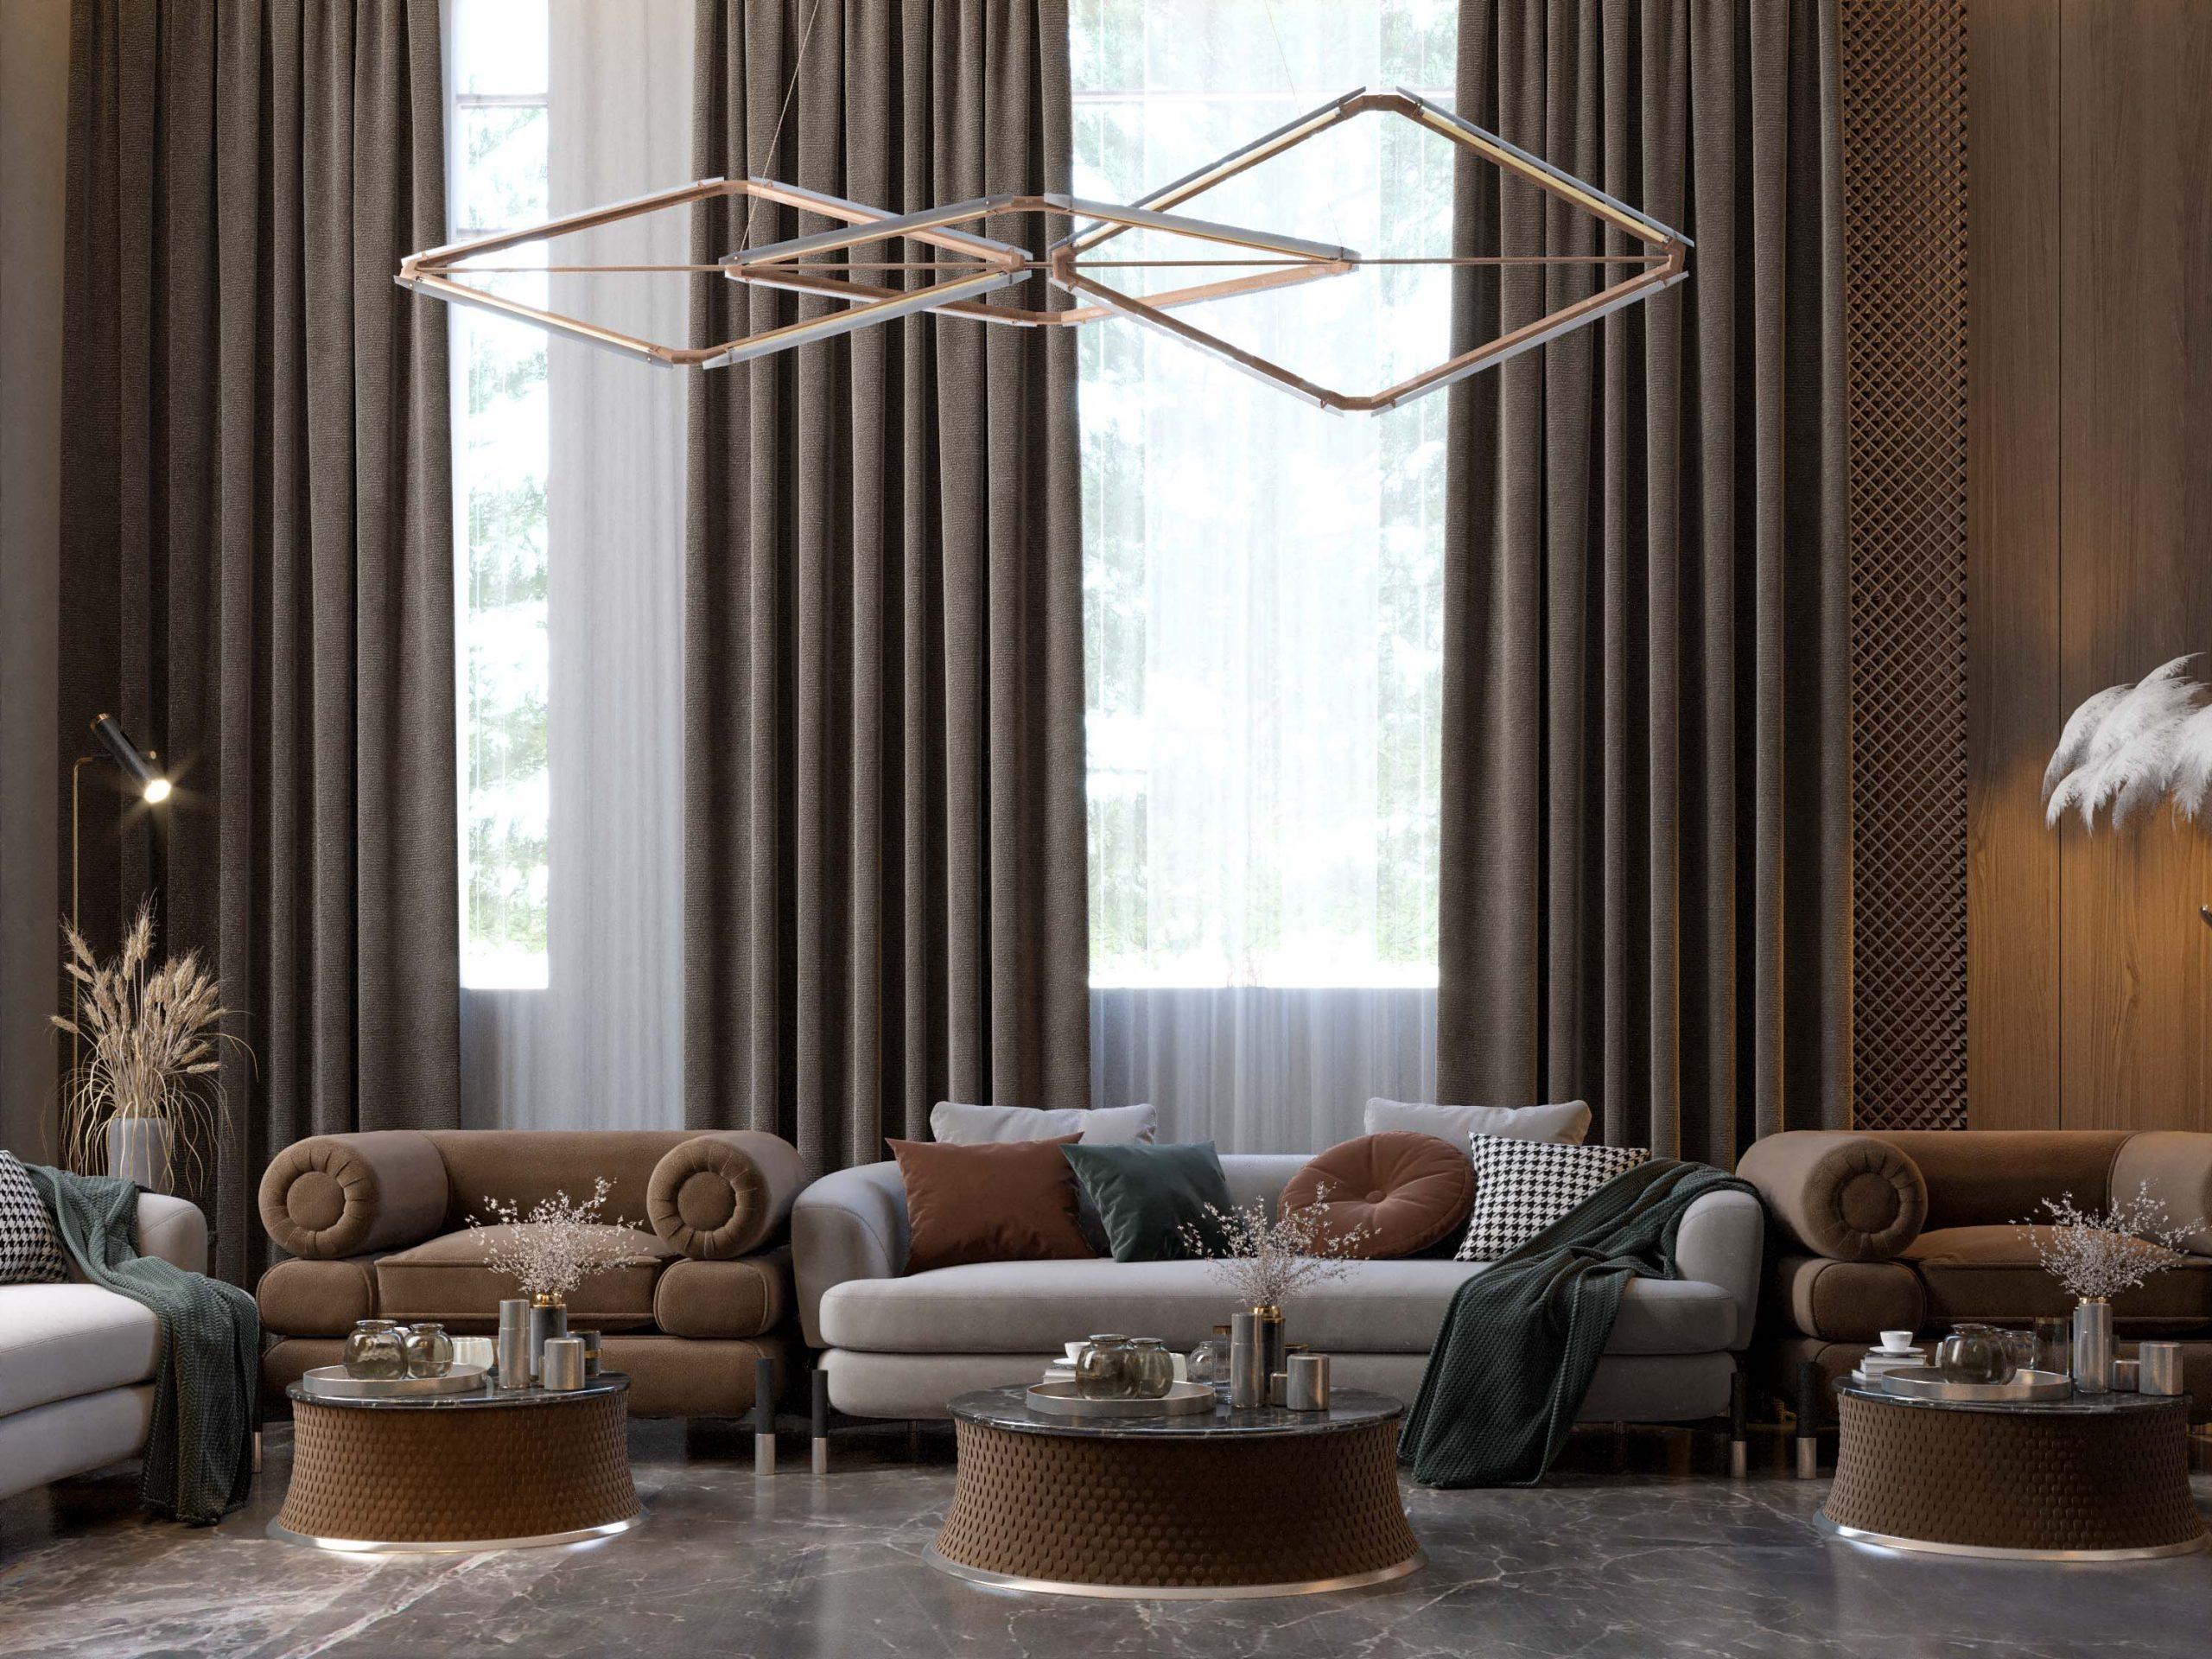 sofas - ELEGANT WOMEN'S MAJLES- ceiling light - brown